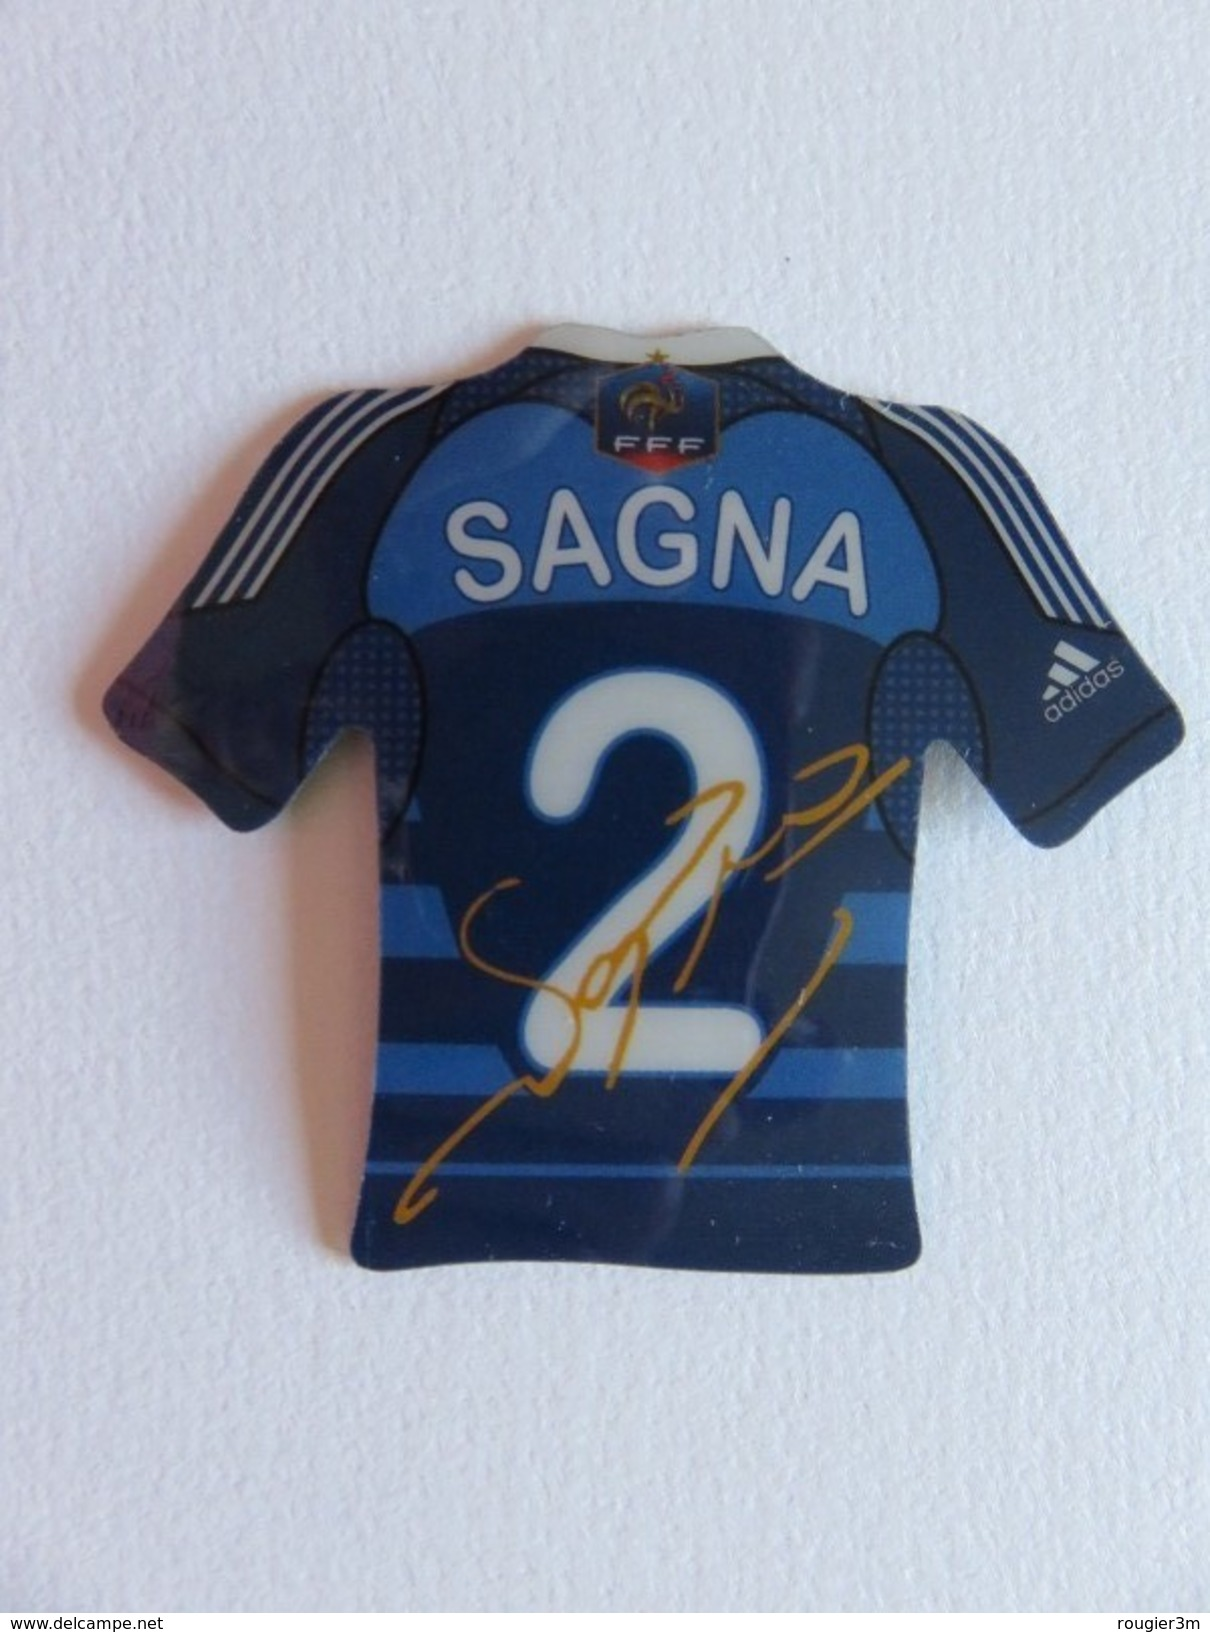 Magnet - Maillot De Foot - Sagna - N° 2 - FFF - Equipe De France - Adidas - Sports